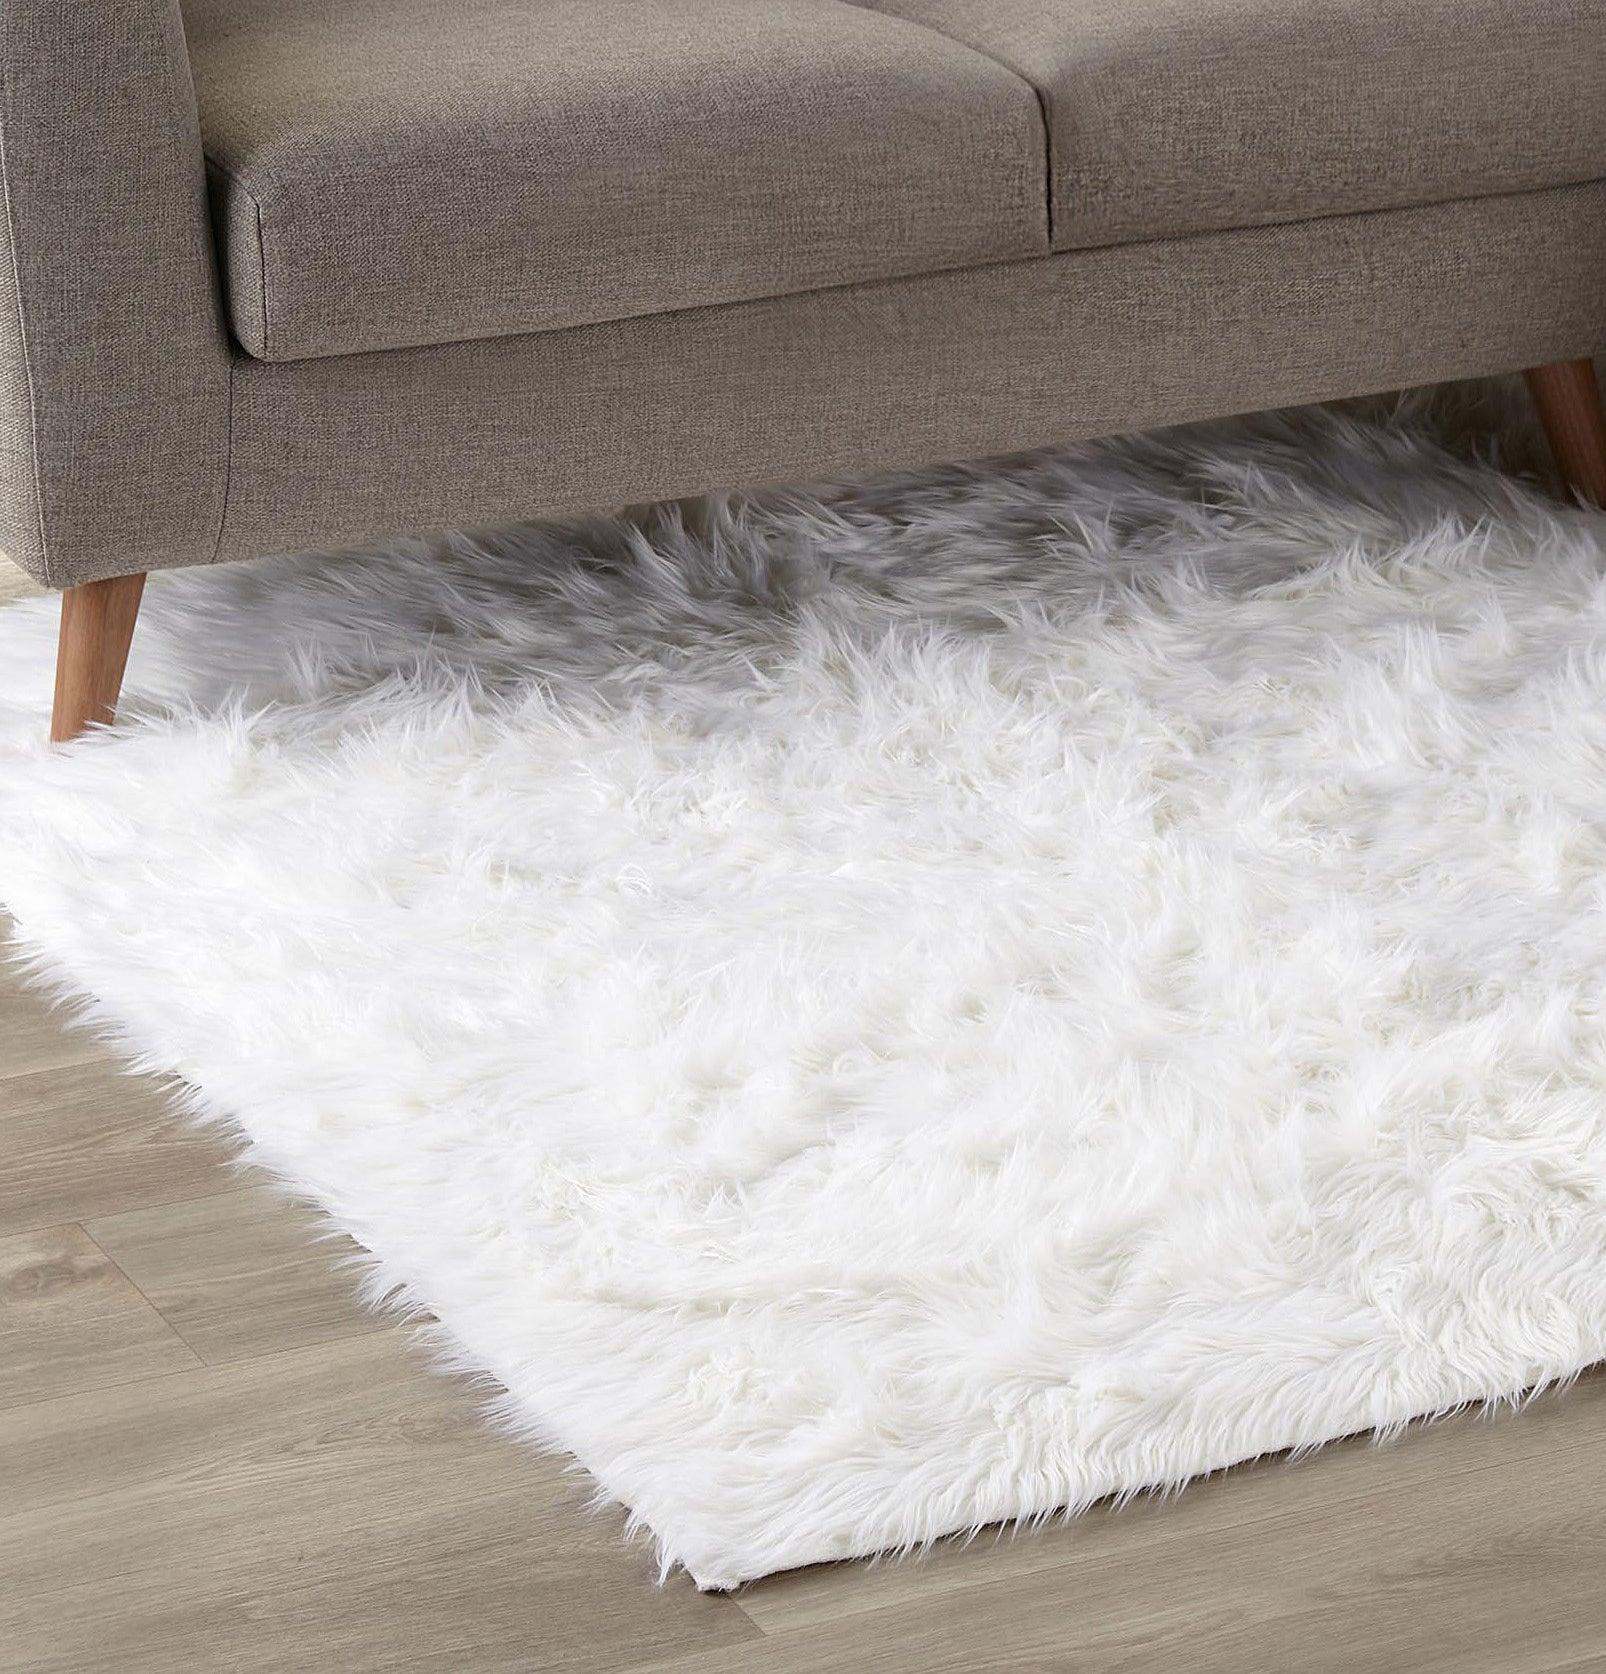 A furry rug on the floor near a couch